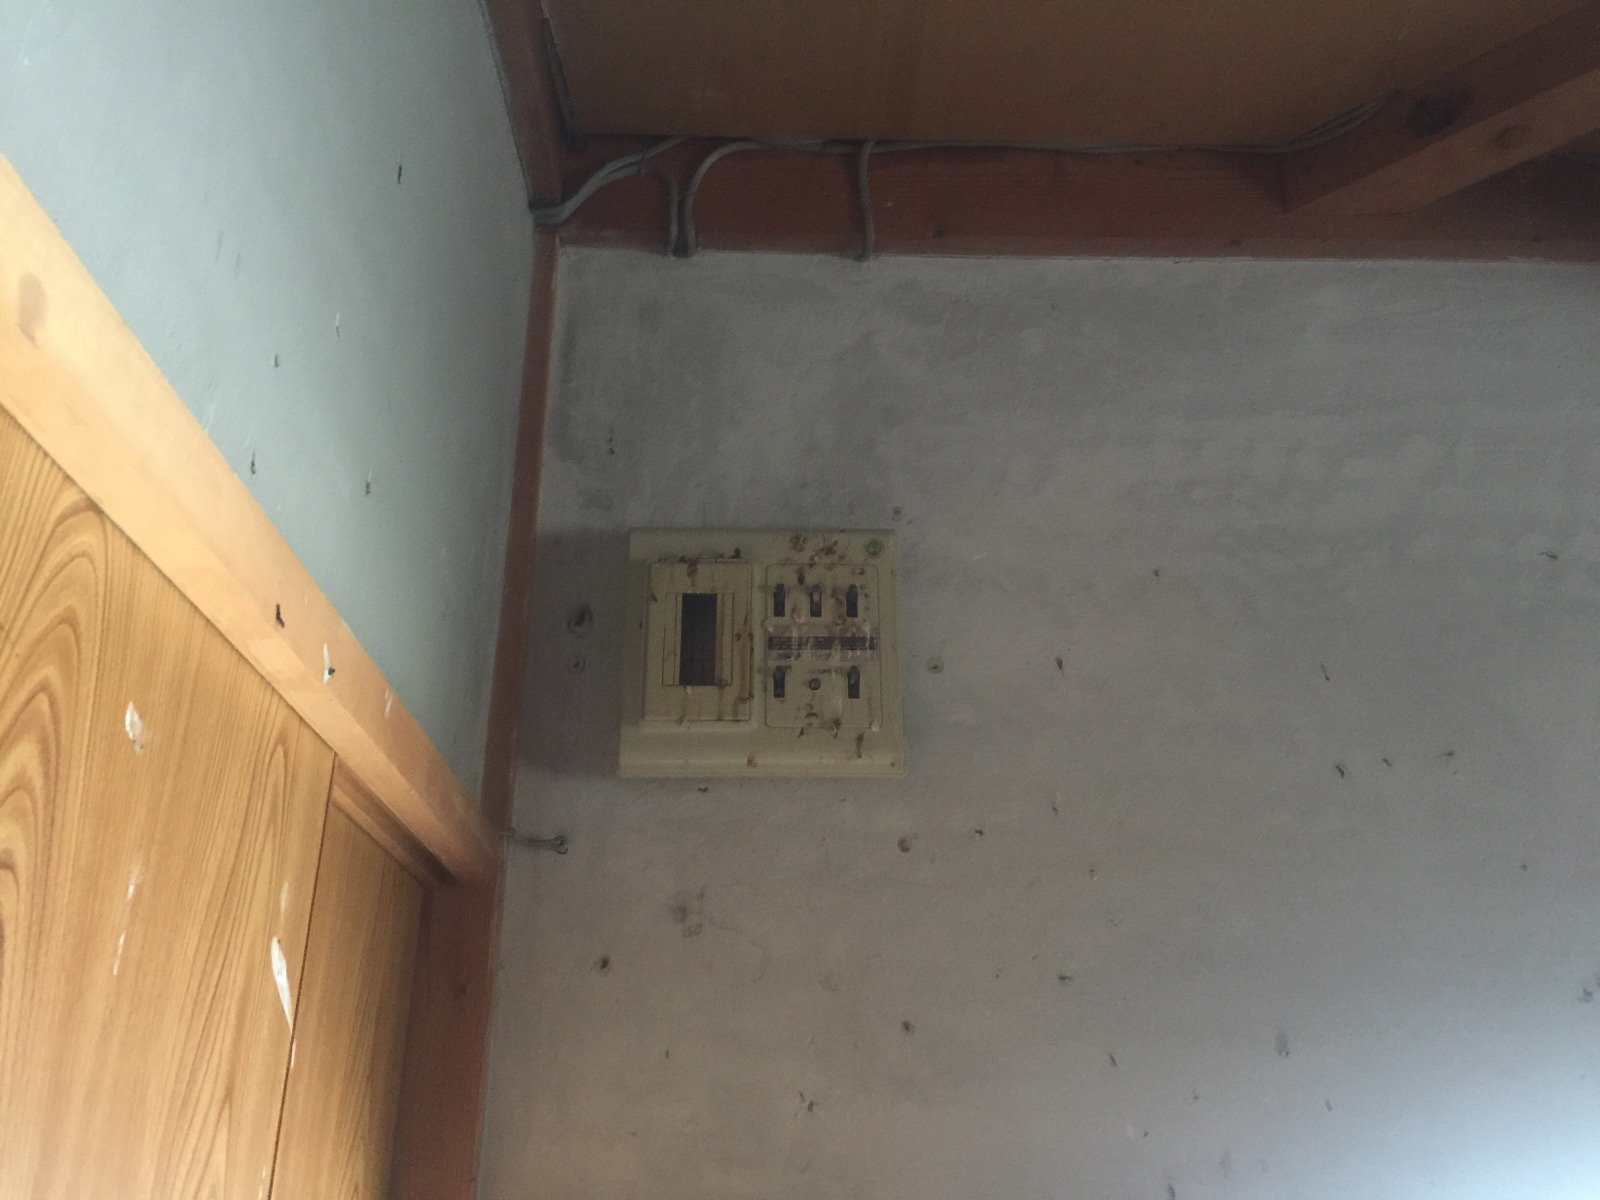 車庫の上の分電盤